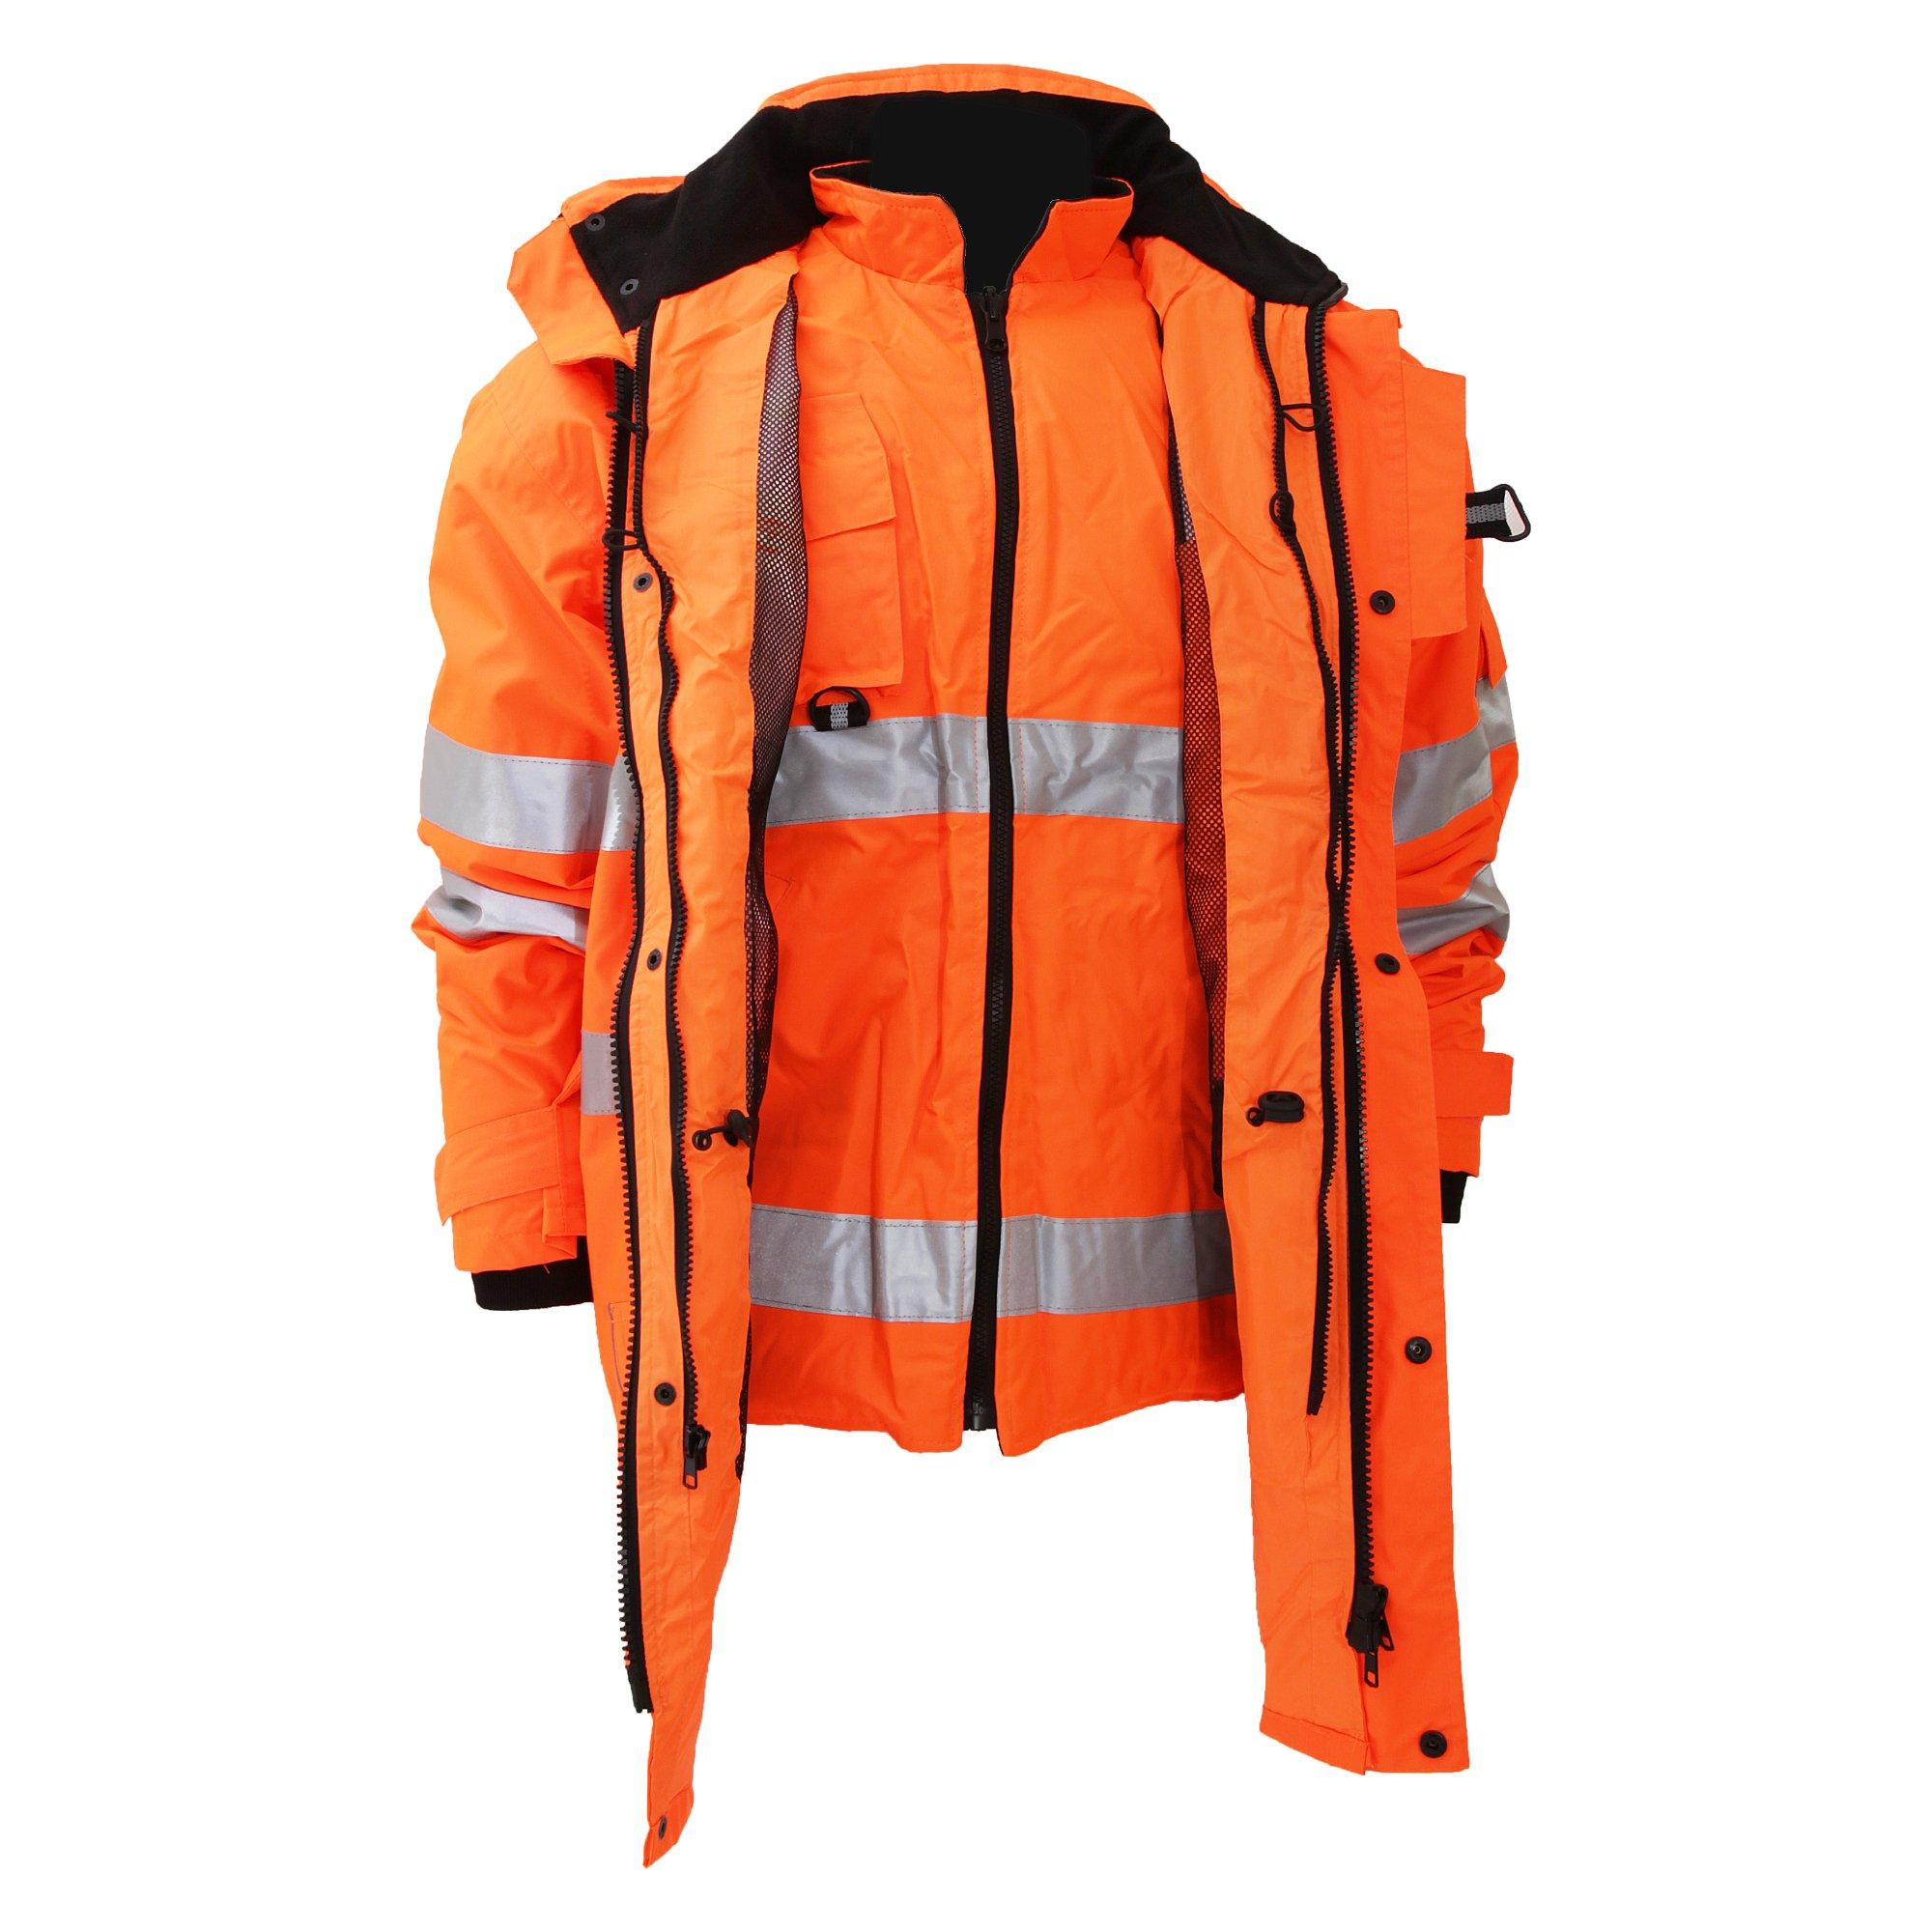 Yoko Hi Vis Multi-Function Breathable & Waterproof 7-In-1 Jacket (M) (Hi Vis Orange)